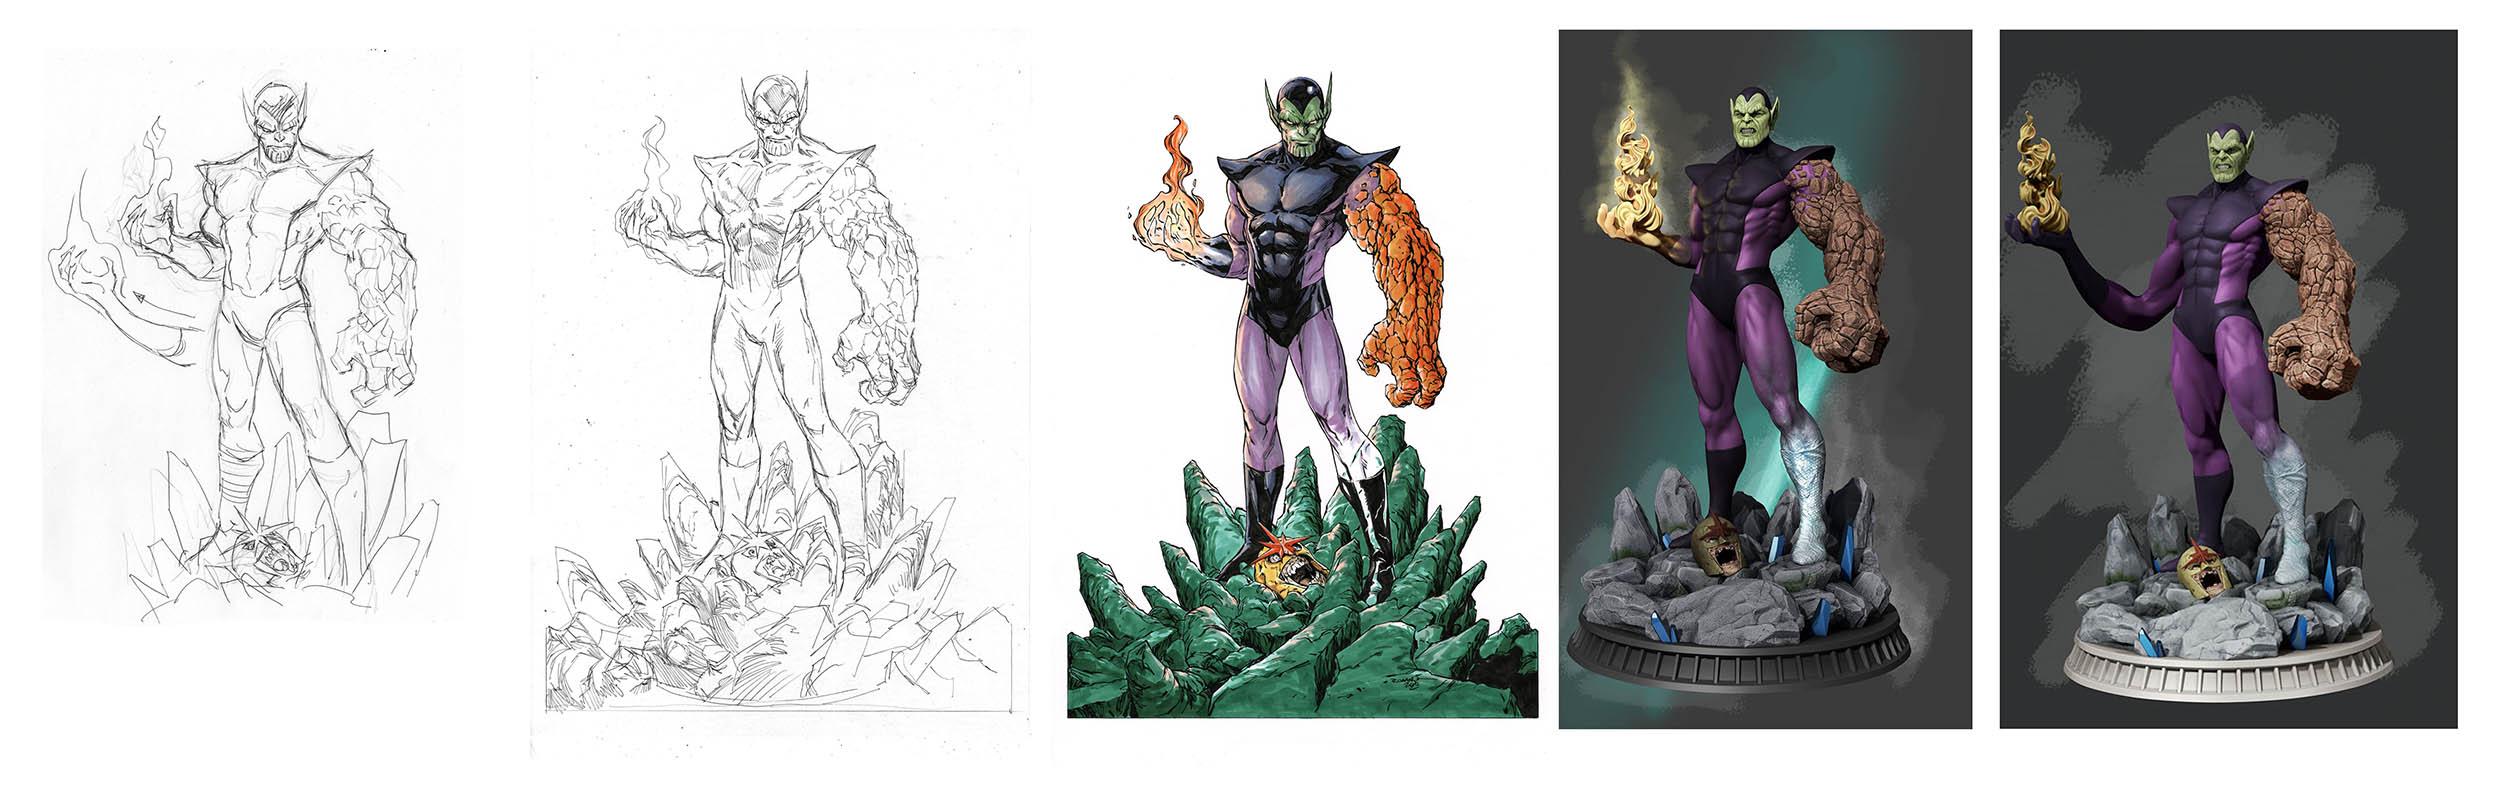 SuperSkrull hero figurine